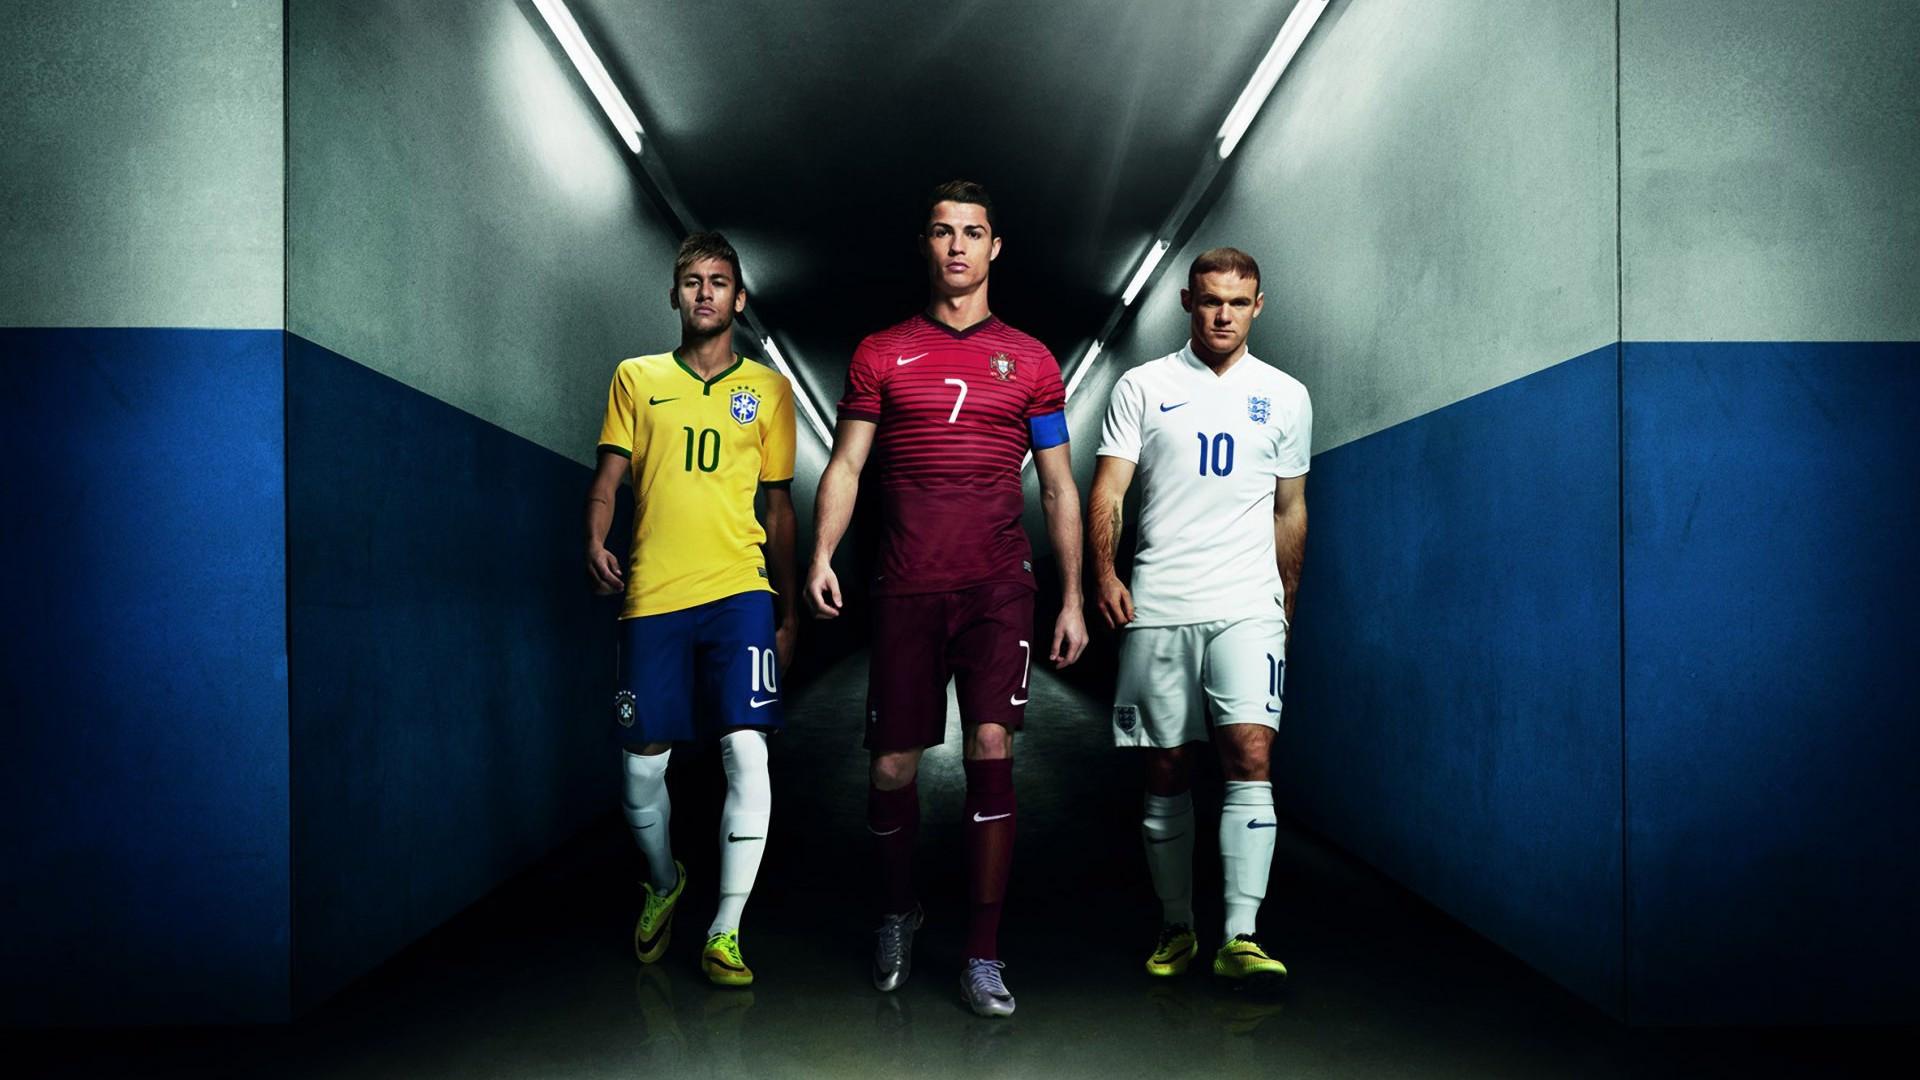 Neymar, Ronaldo, and Rooney – Nike wallpaper